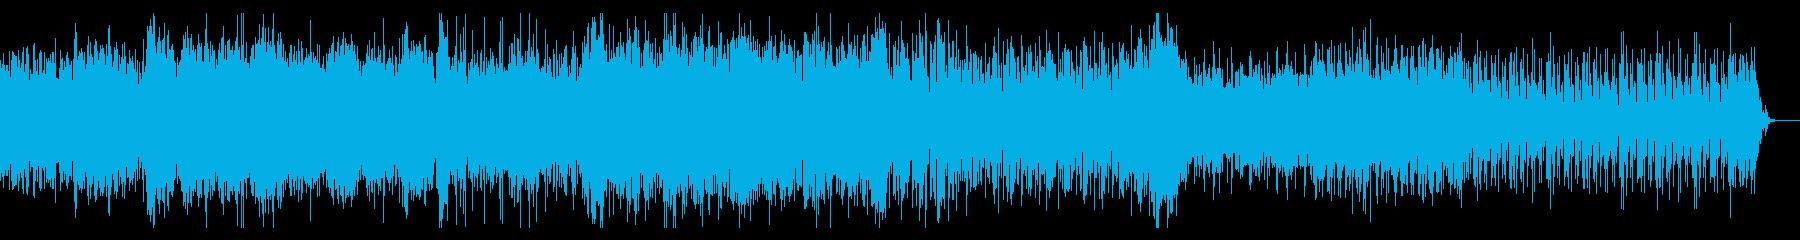 不思議でダークなシネマティックBGMの再生済みの波形